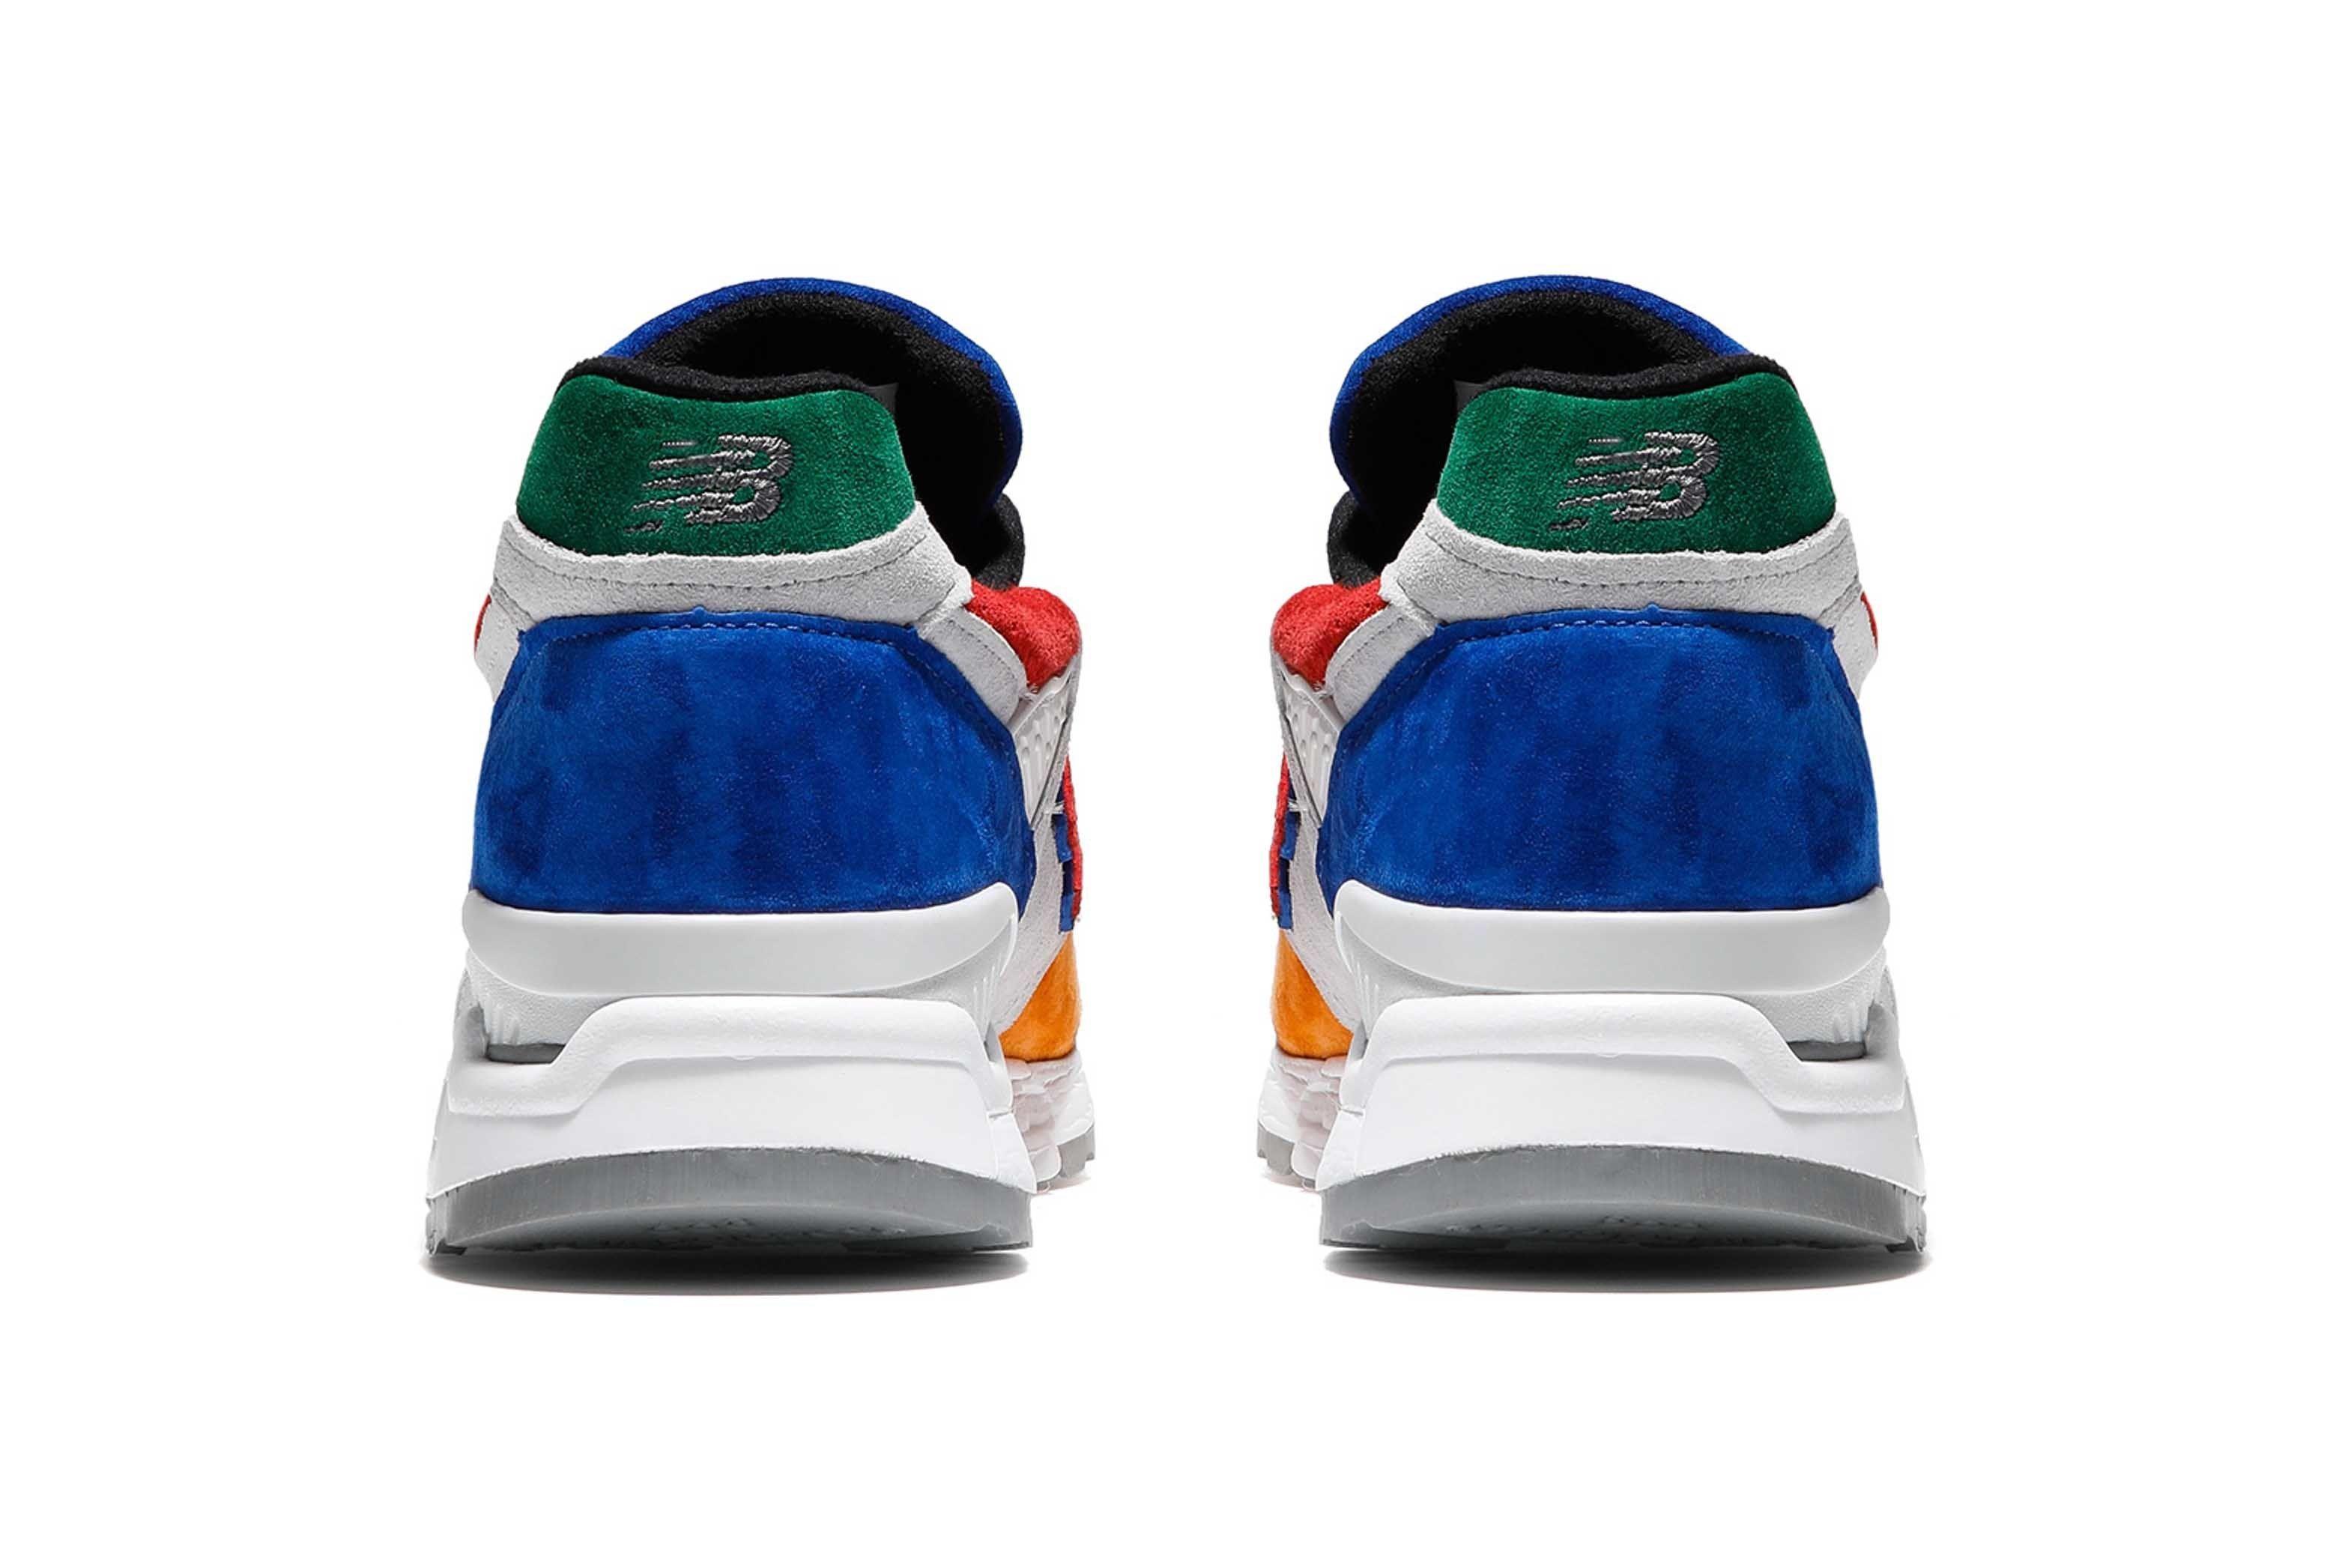 Bodega New Balance 998 Mass Transit Release Date 3 Sneaker Freaker